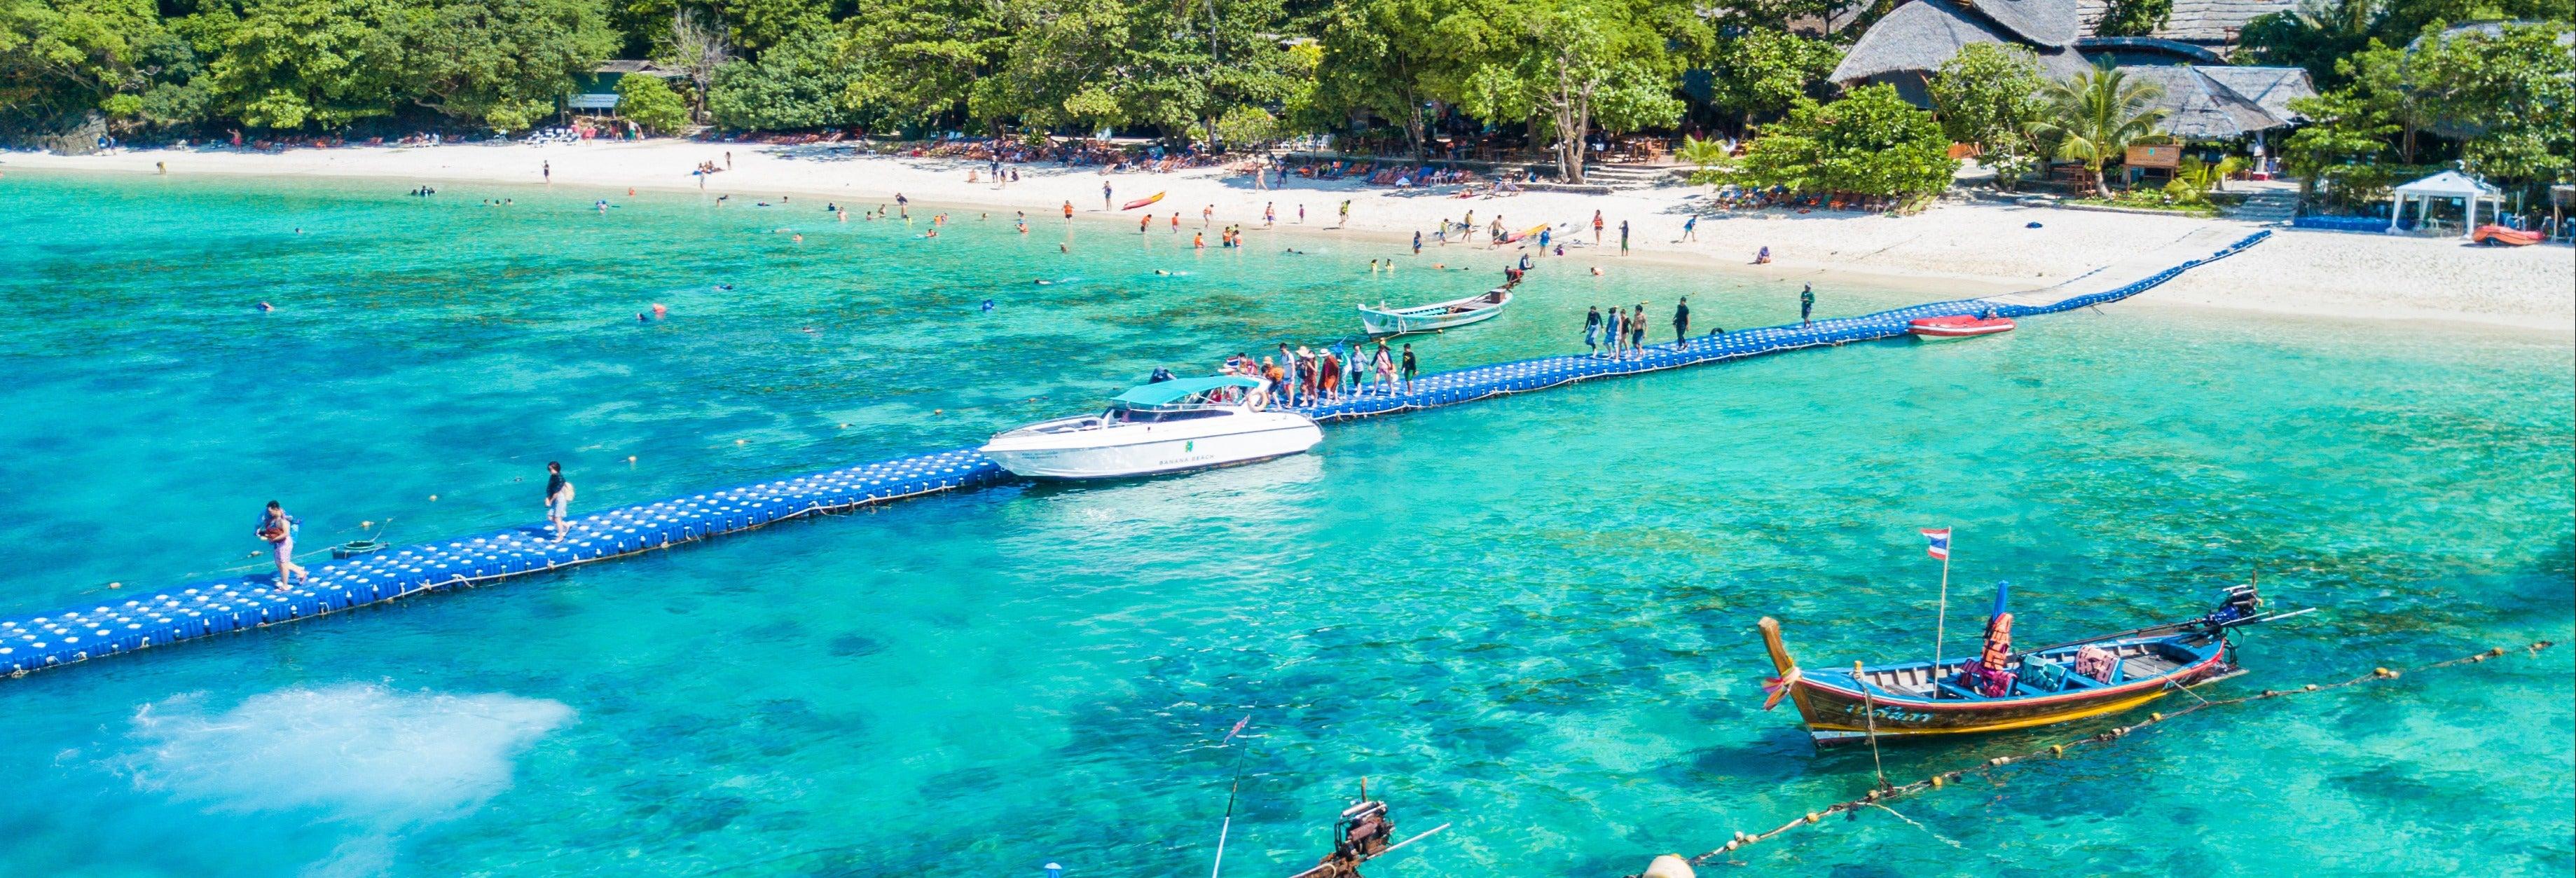 Excursión en lancha y snorkel en Coral Island